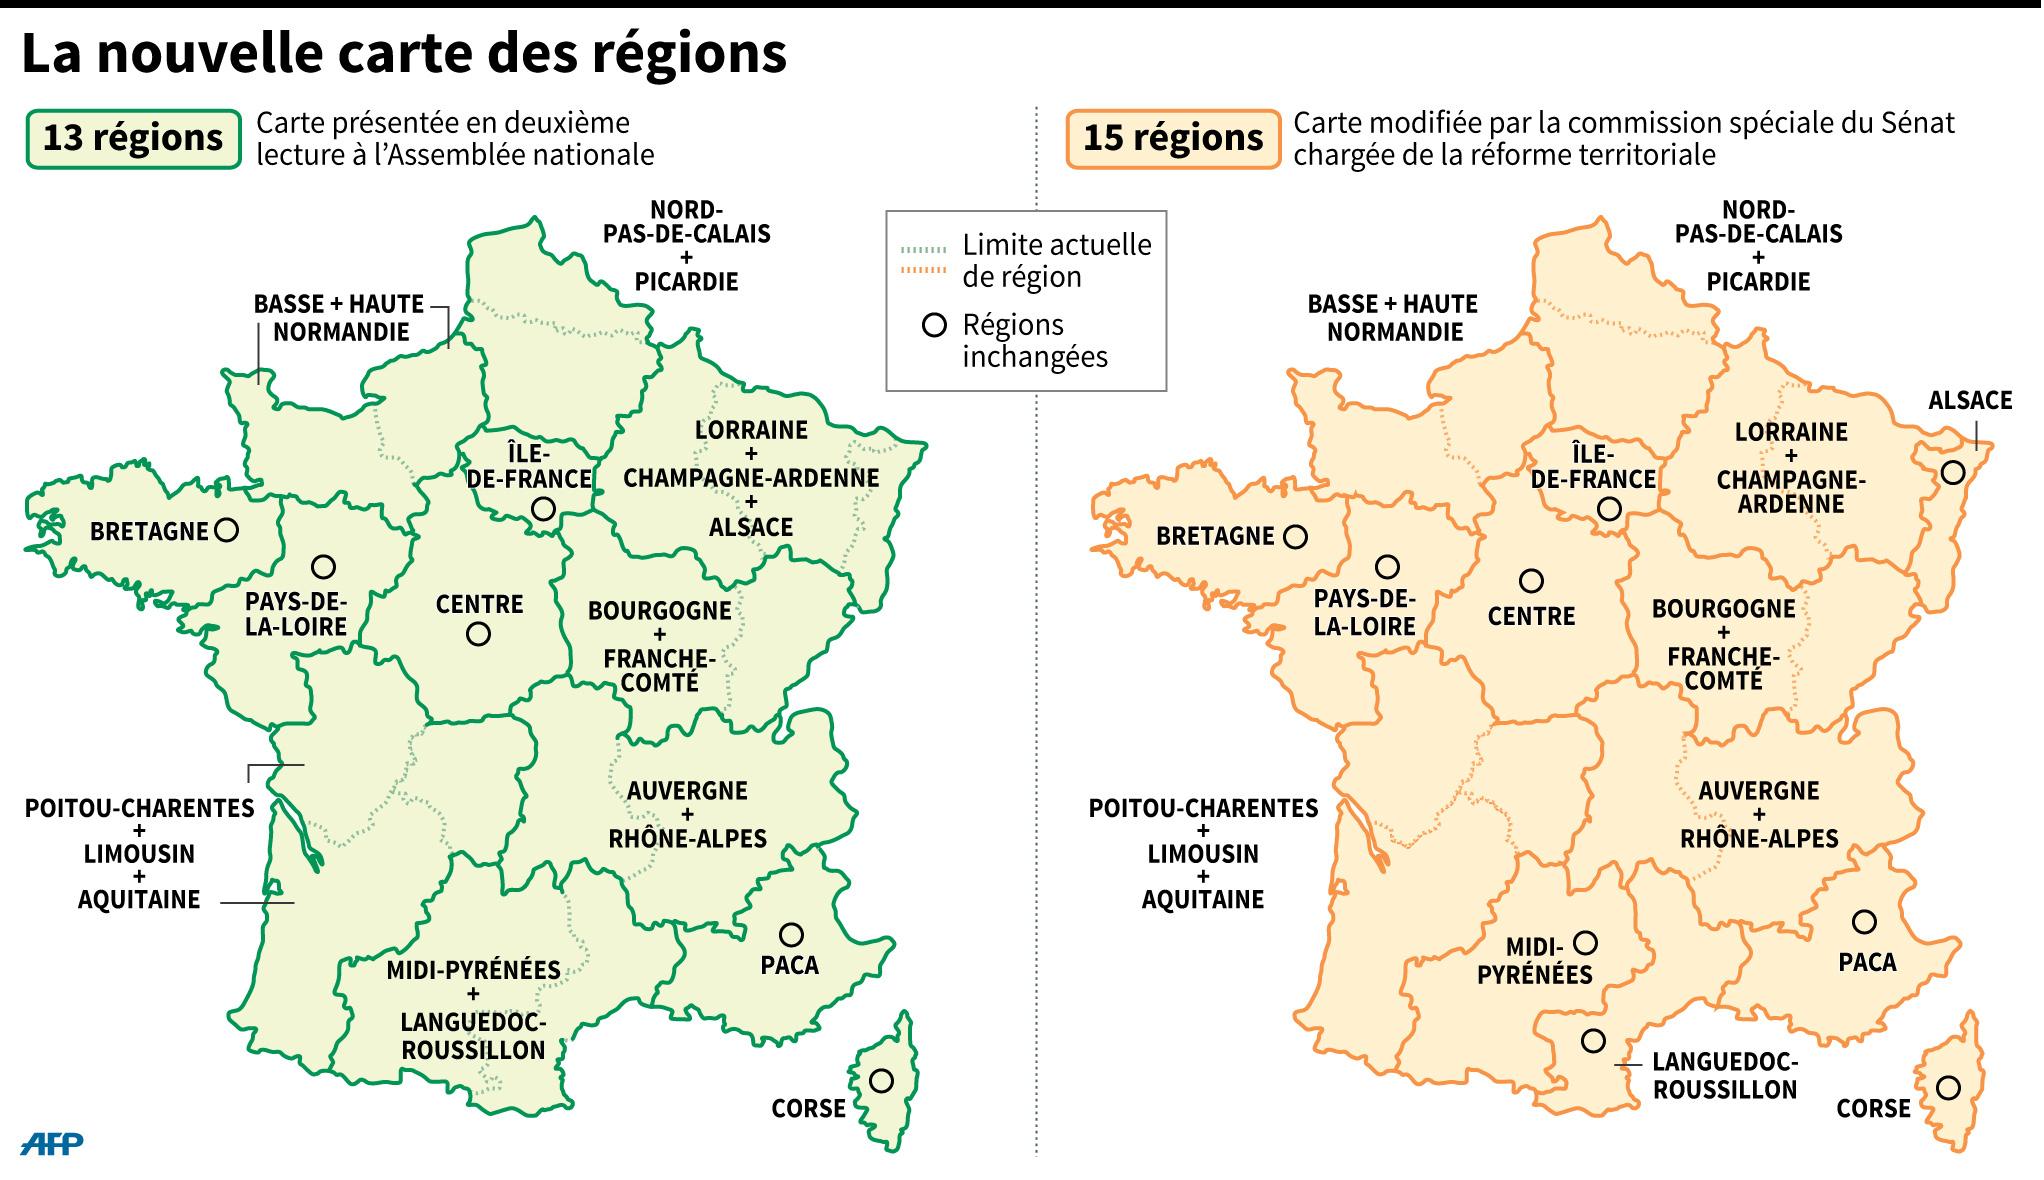 La Carte À 13 Régions Votée À L'assemblée concernant Carte Des 13 Régions